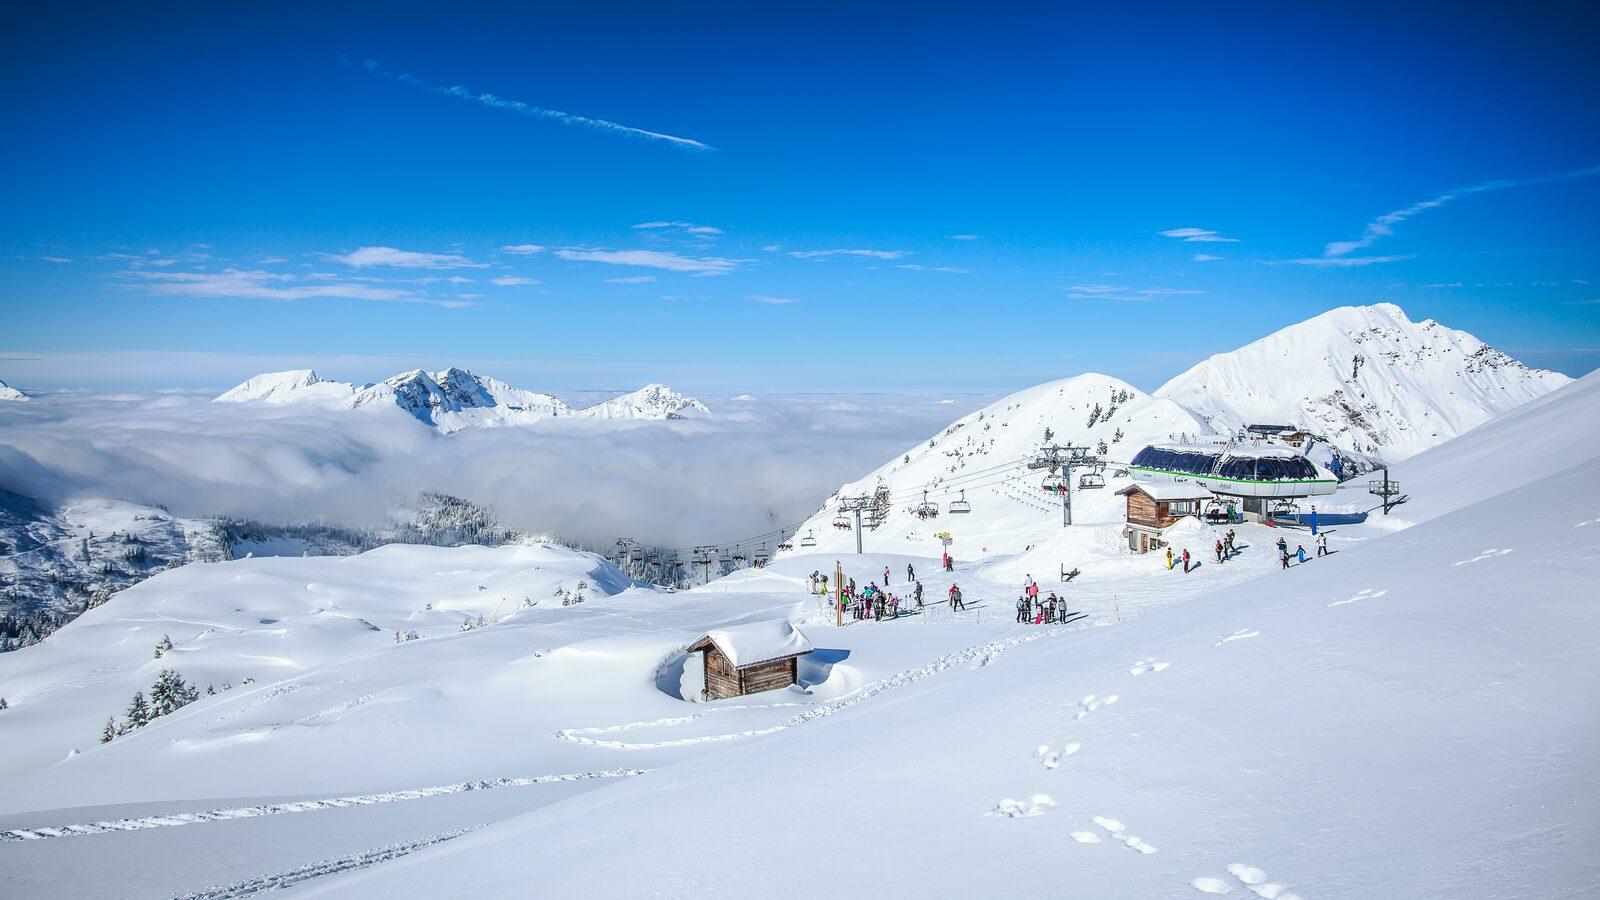 Kent u het meeste gevarieerde skigebied van de Alpen?